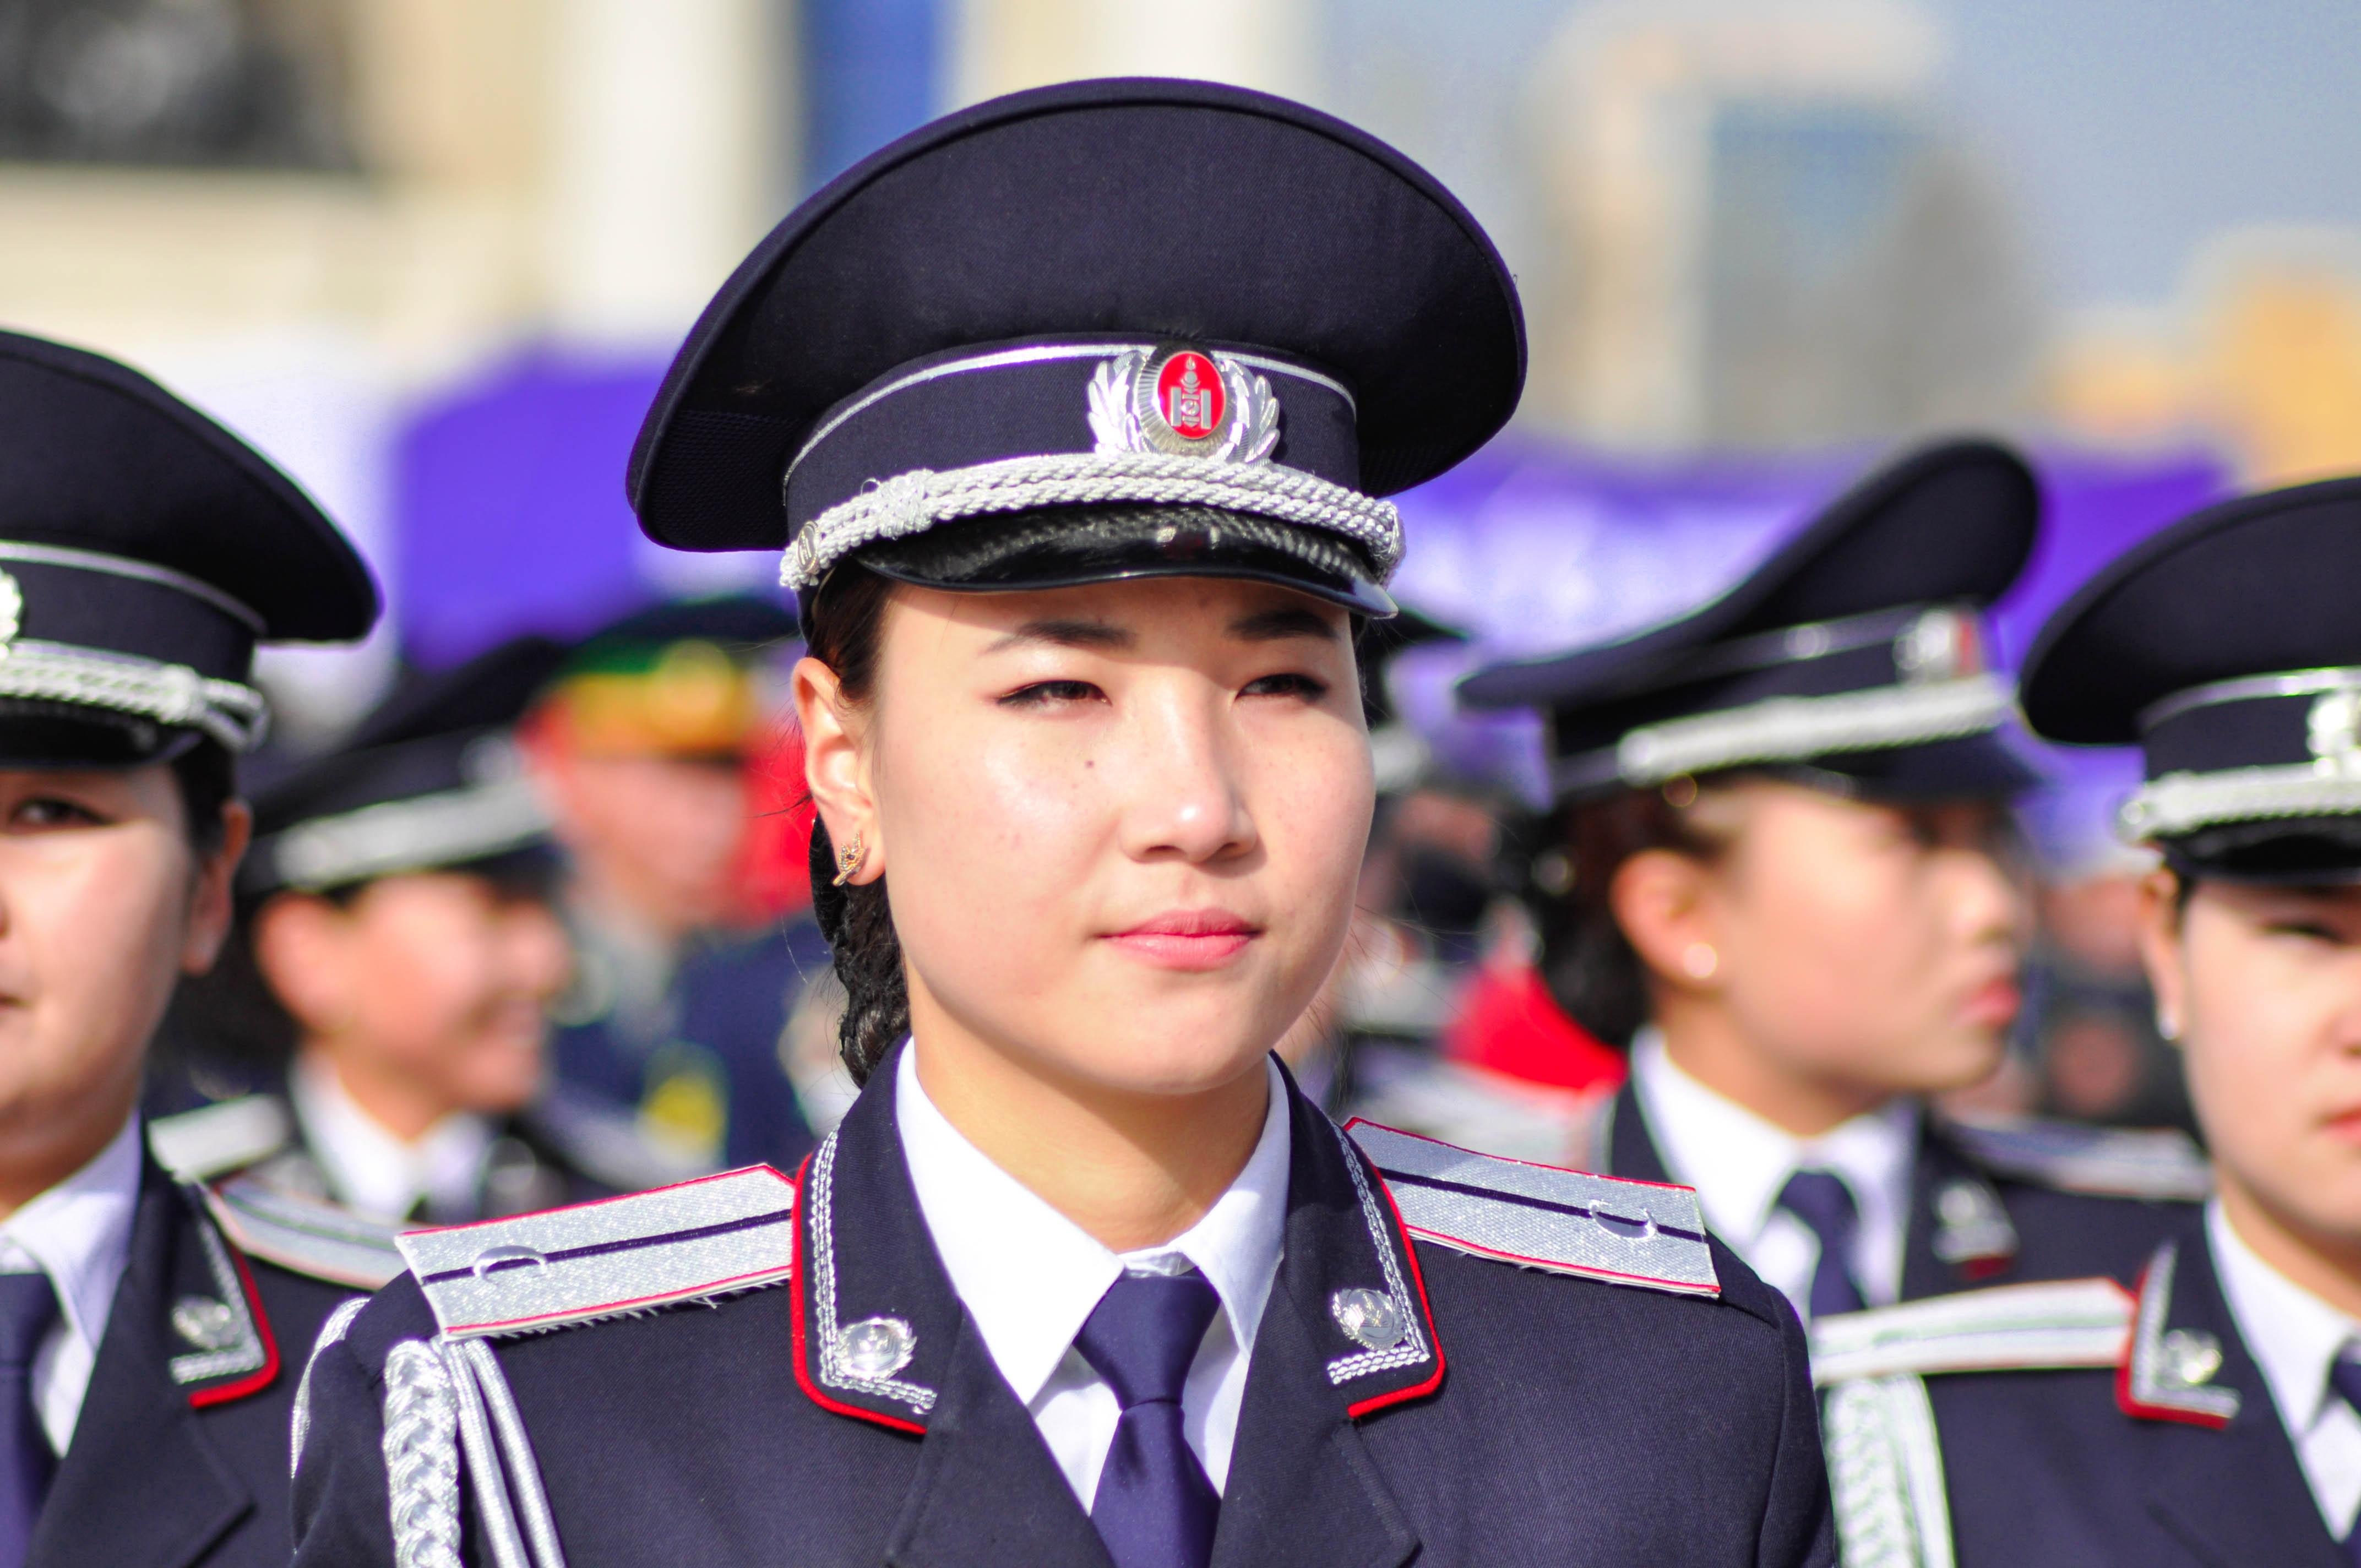 c8f7c8ce person militær ung hær yrke parade kvinner politiet uniform soldater spesiell  damer mongolia offiser offisielt marching